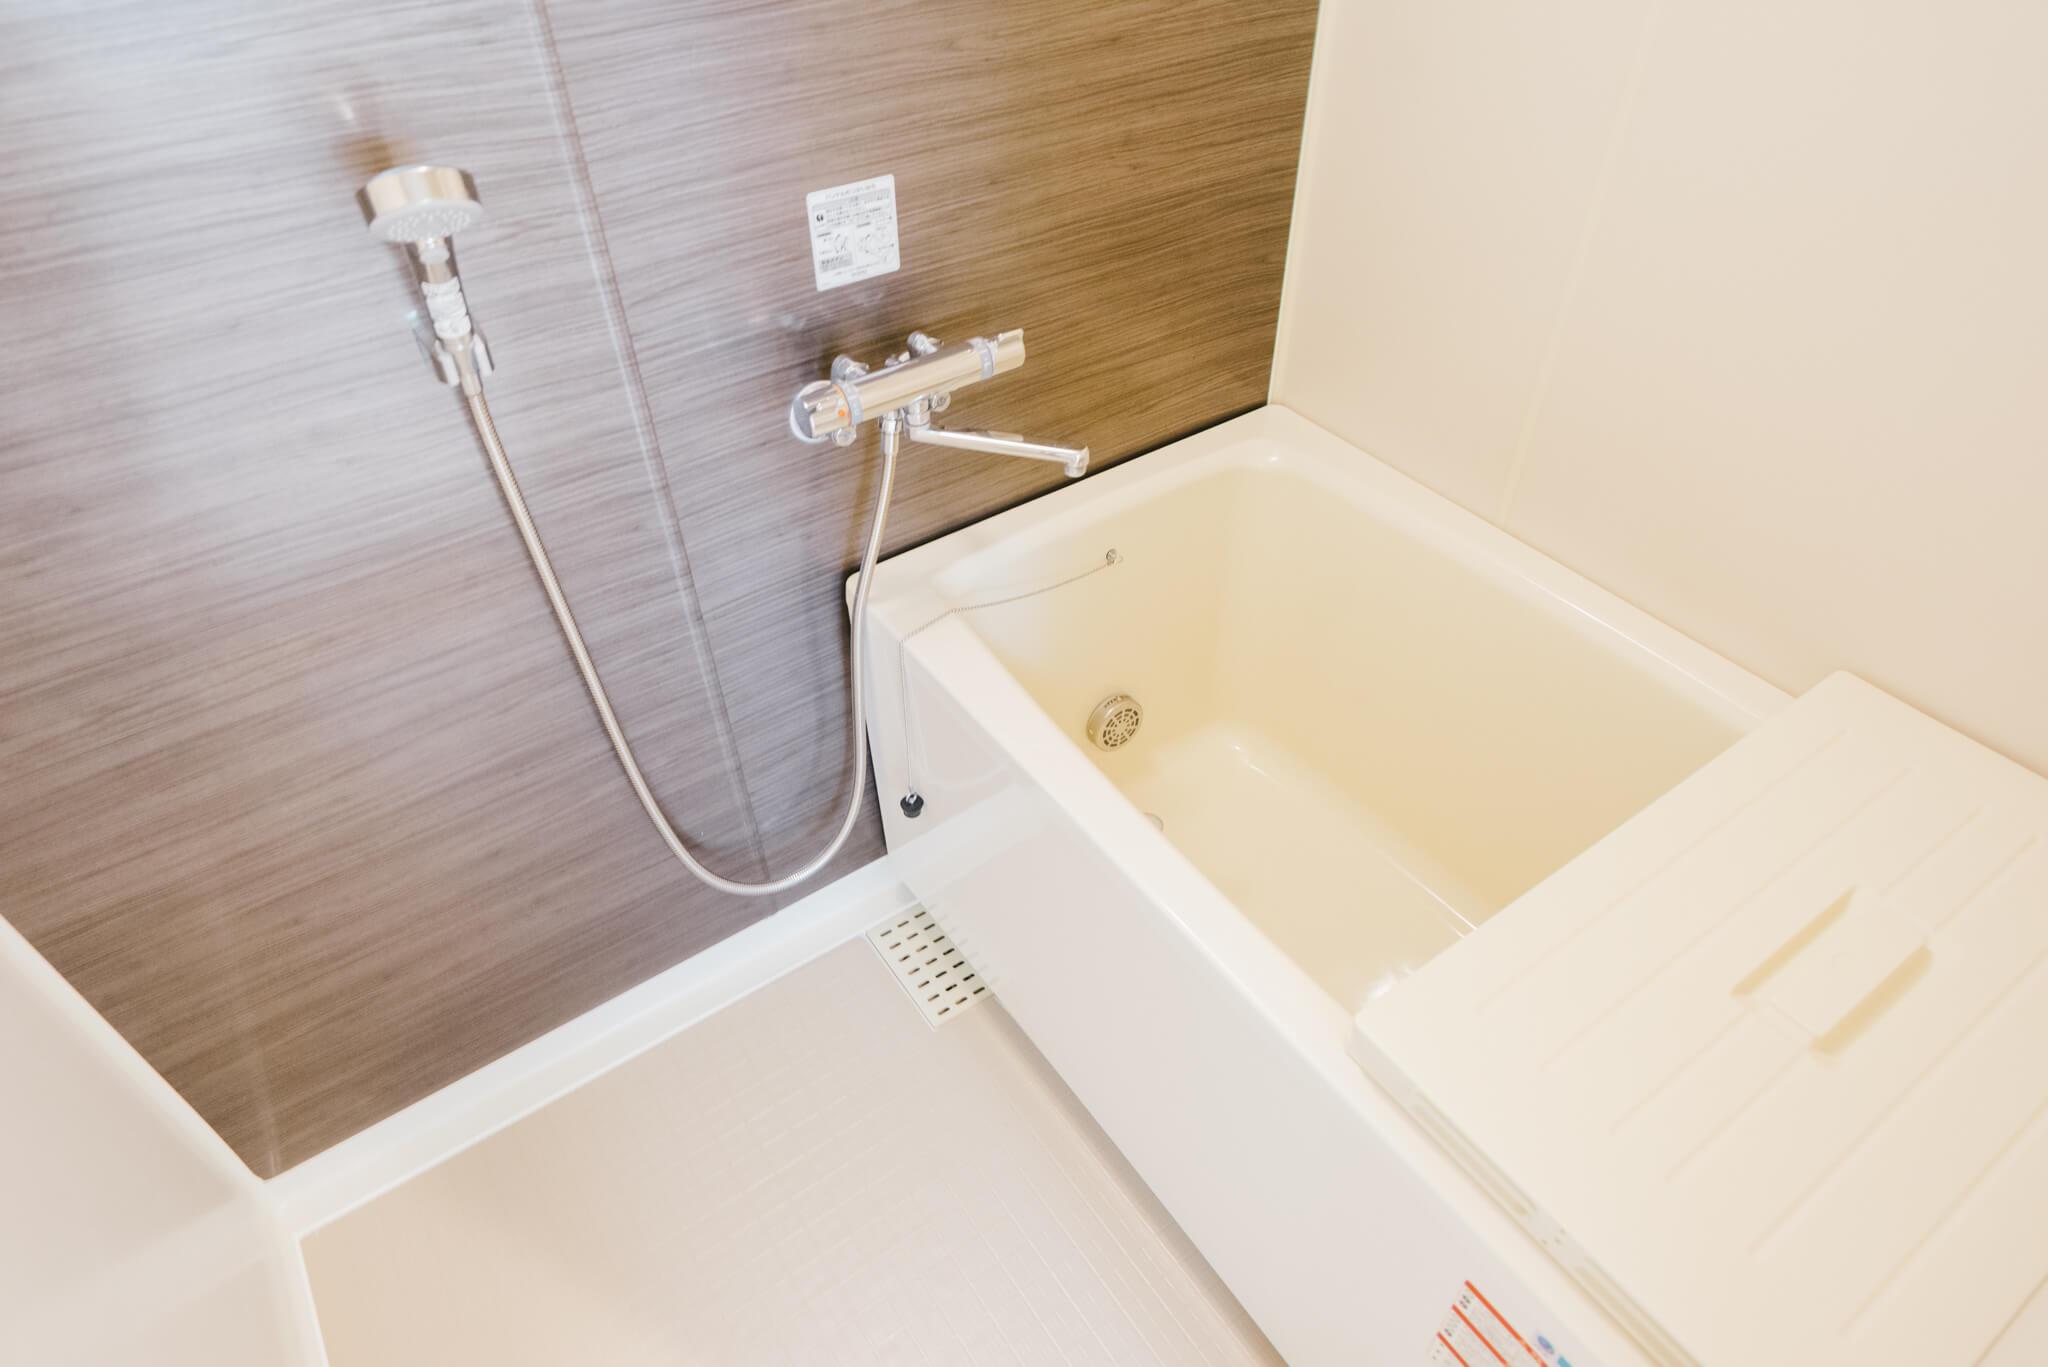 お風呂も綺麗なモデルに刷新 ※画像は3DKのお部屋です